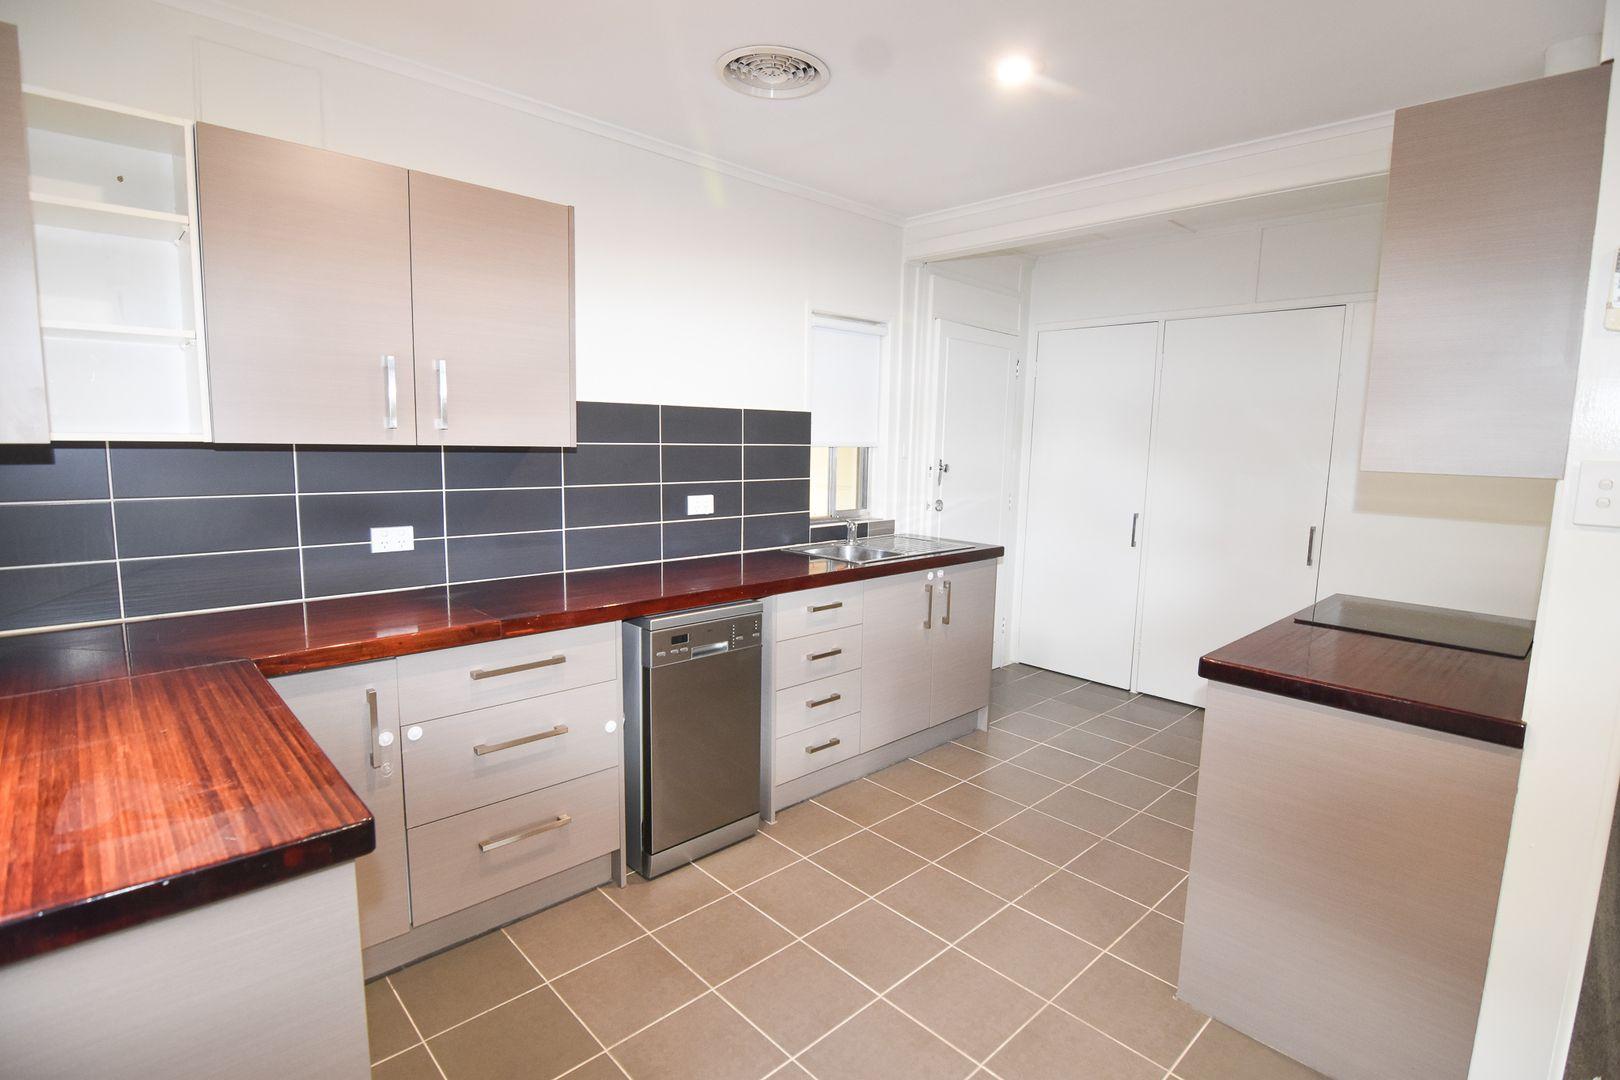 150 KITCHENER ROAD, Temora NSW 2666, Image 2